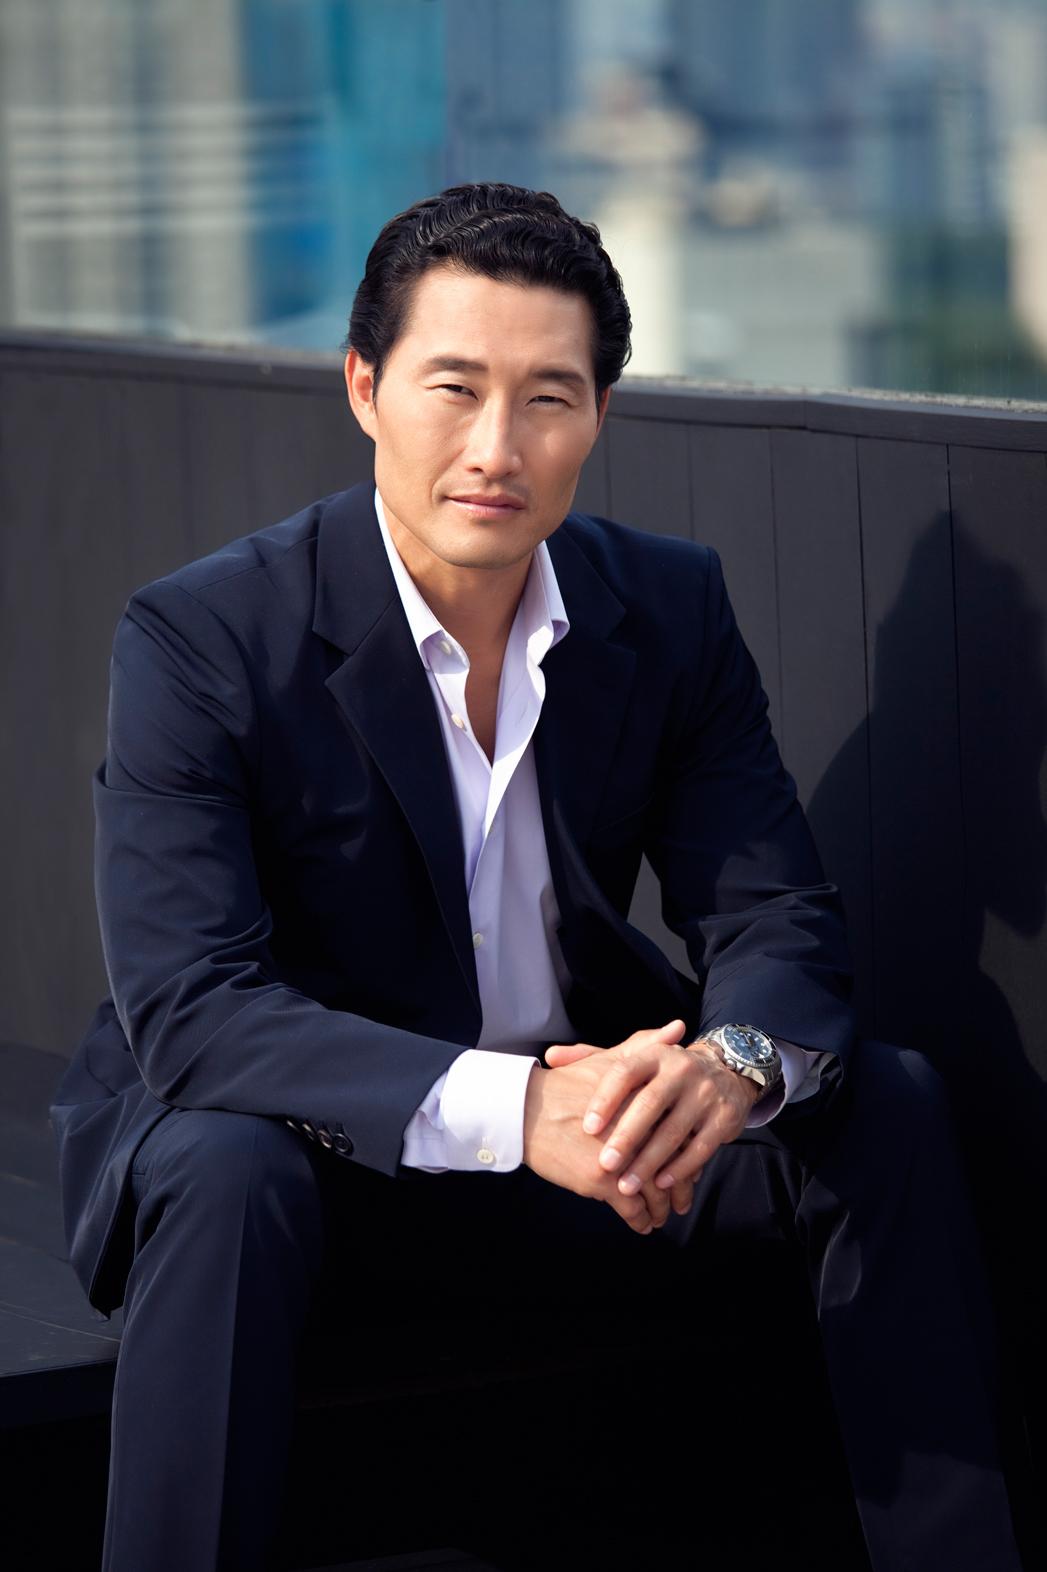 Daniel Dae Kim Headshot - P 2013